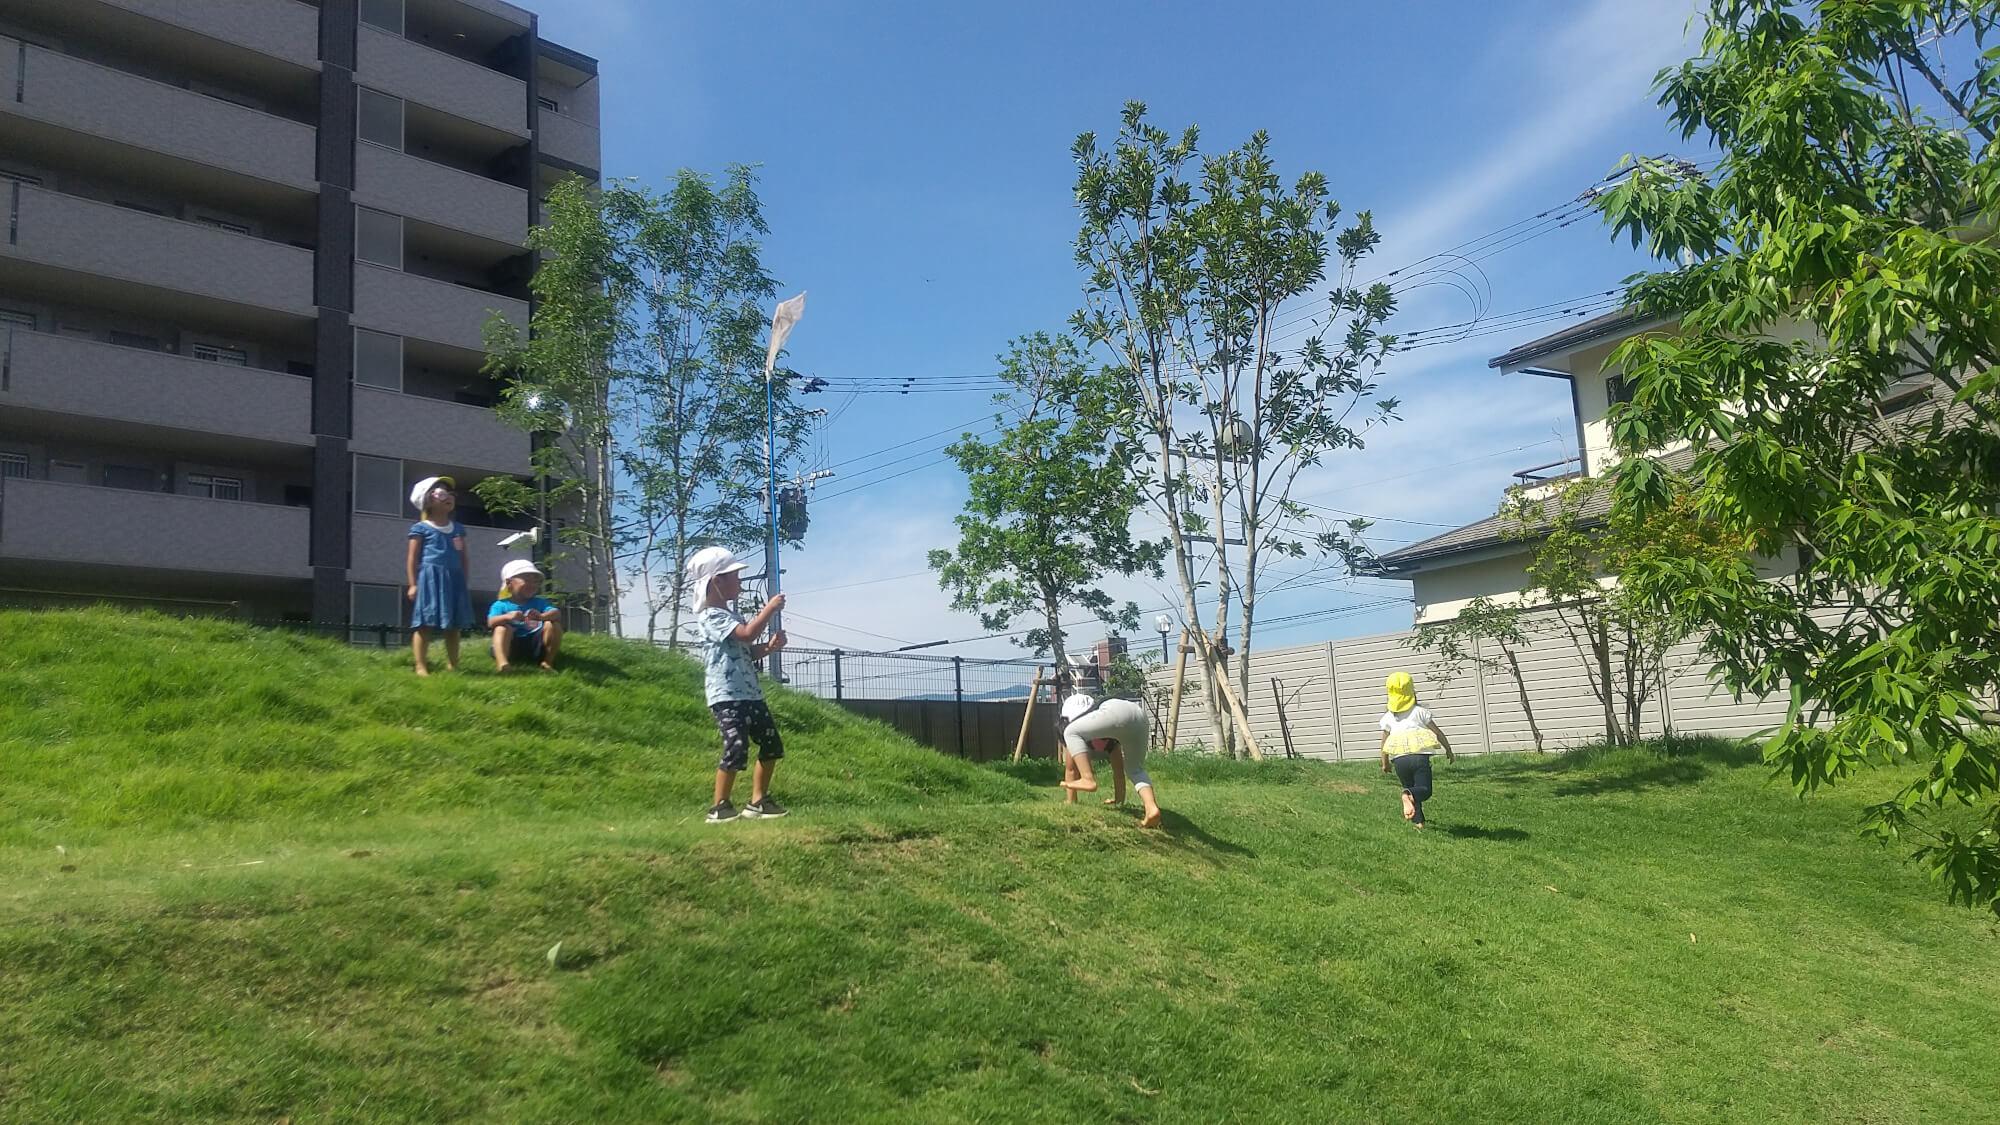 園庭の築山で遊ぶ子どもたち